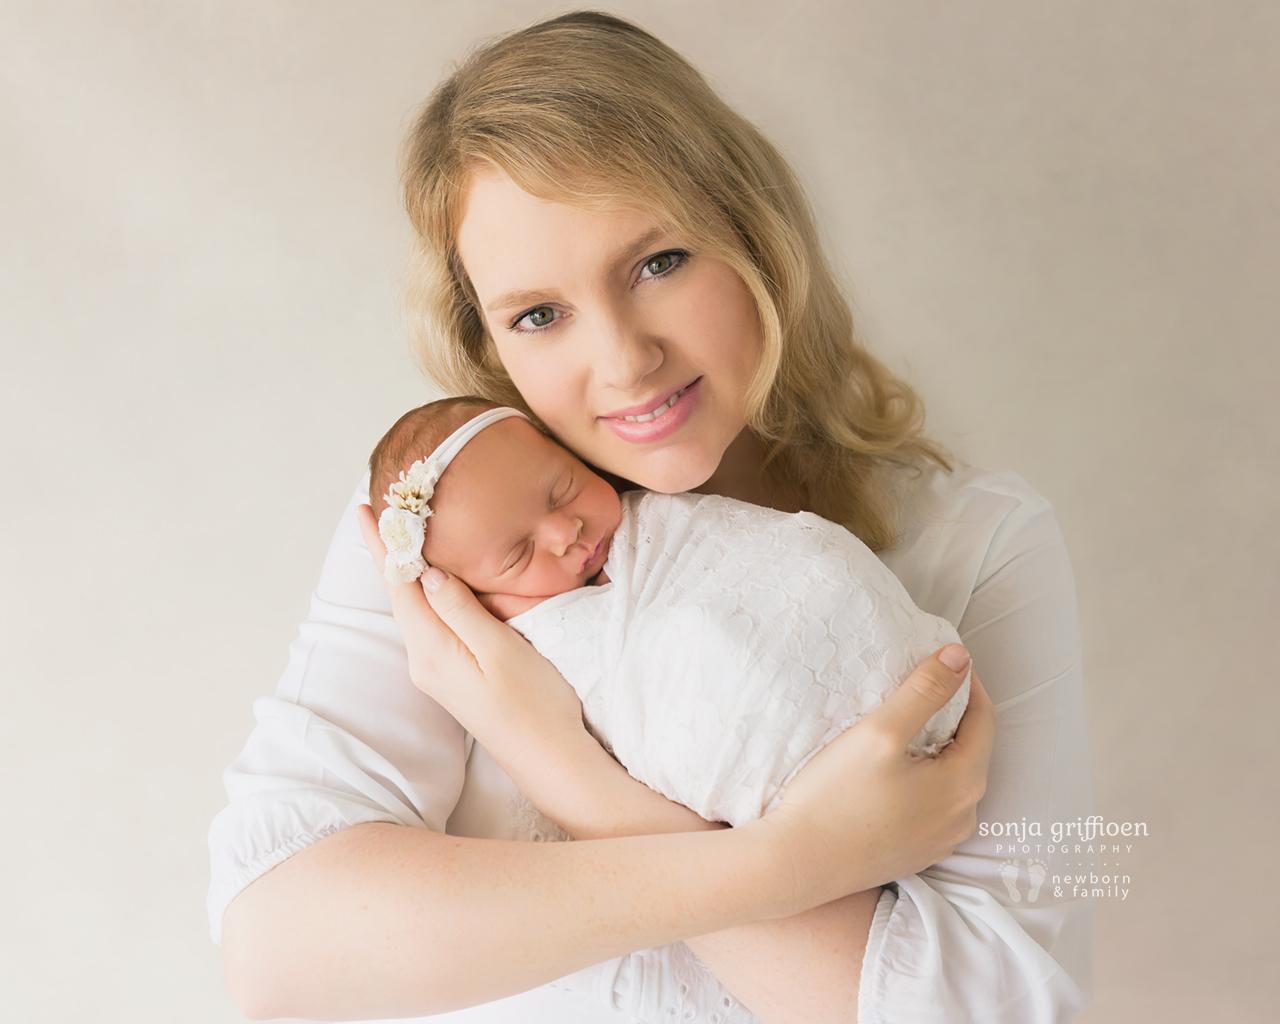 Vivienne-Newborn-Brisbane-Newborn-Photographer-Sonja-Griffioen-01.jpg